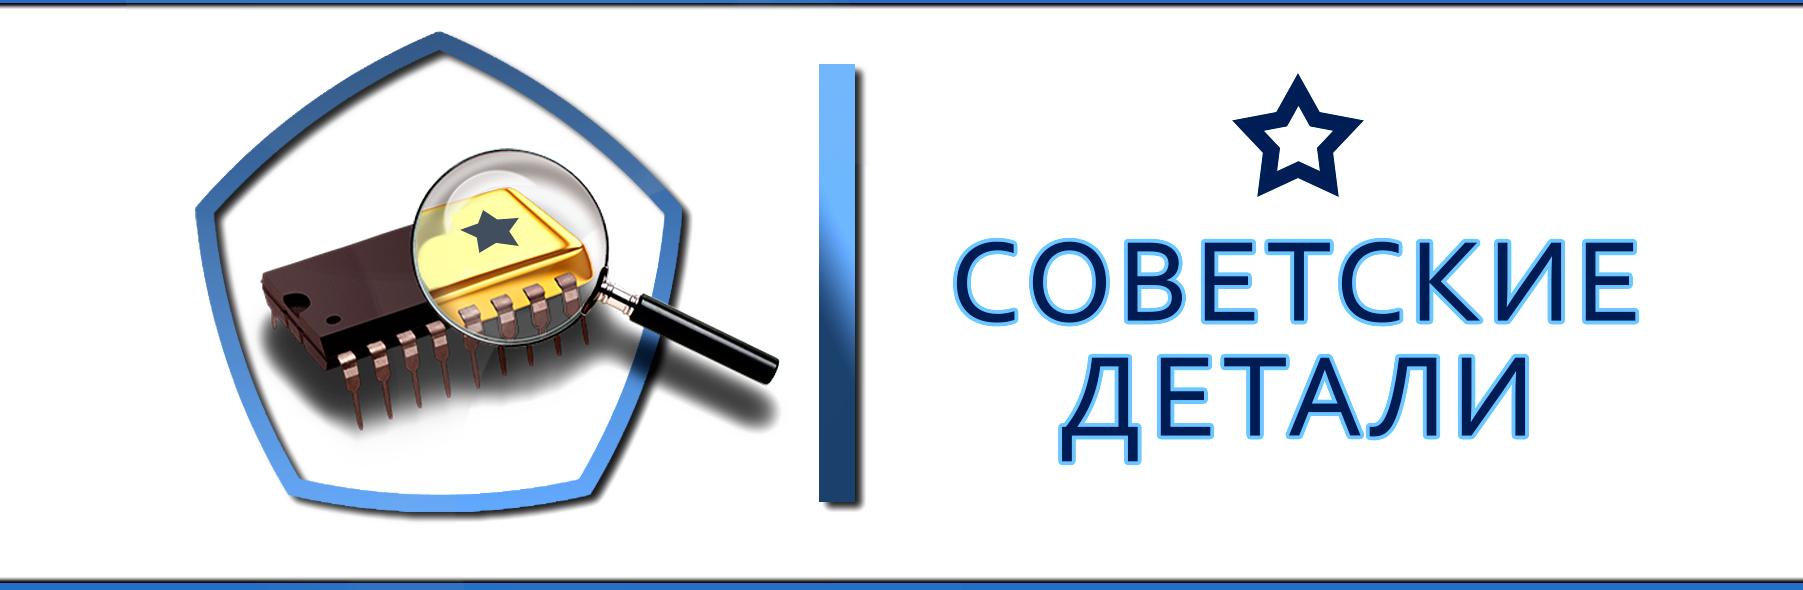 Скупка радиодеталей логотип большой